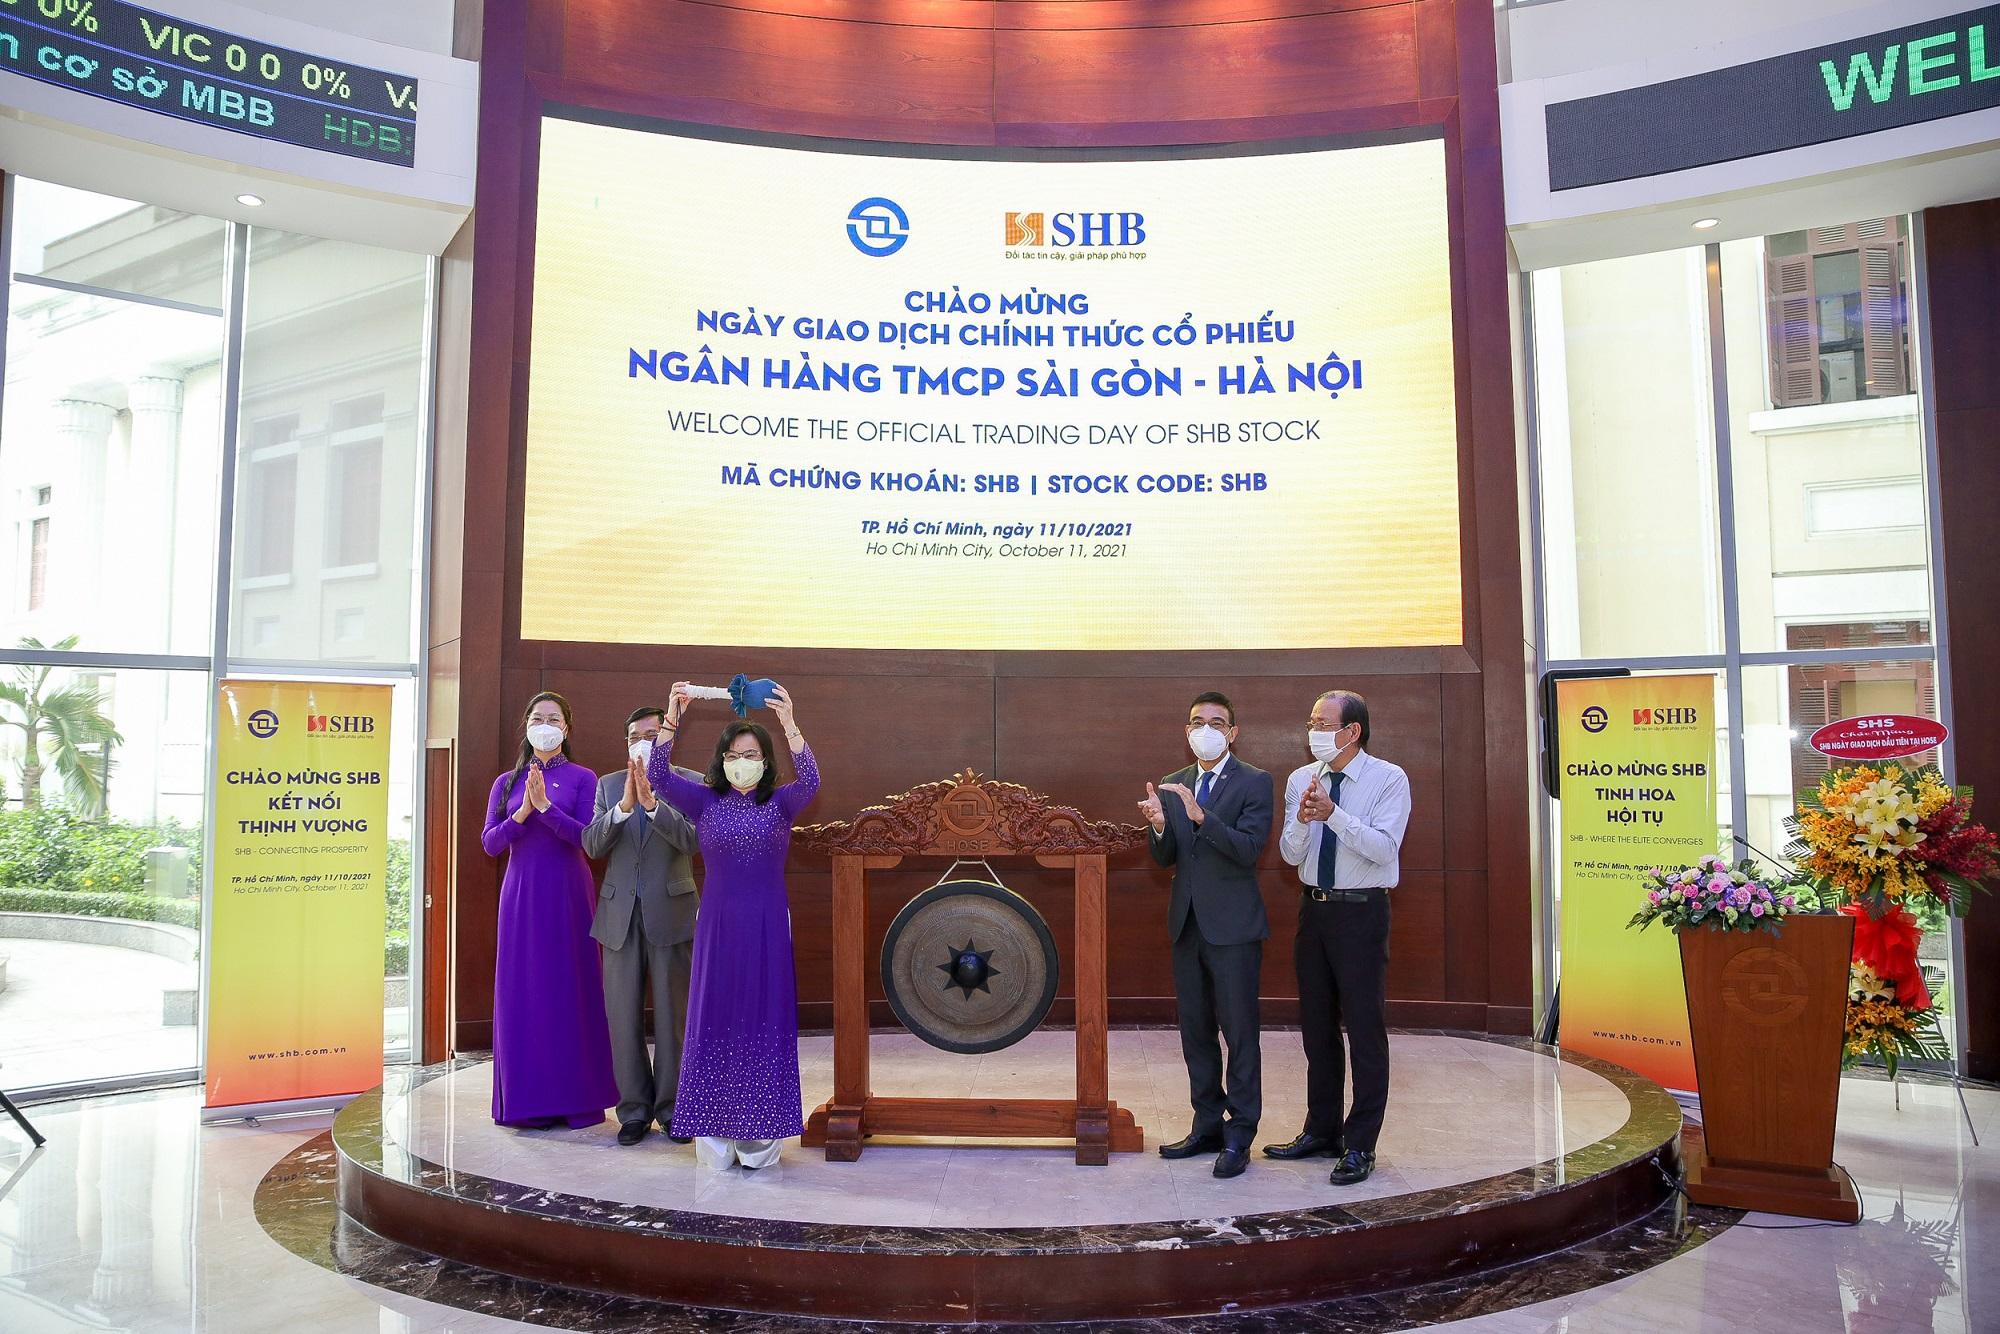 Hơn 1,9 tỷ cổ phiếu SHB chính thức giao dịch trên HOSE - Ảnh 1.